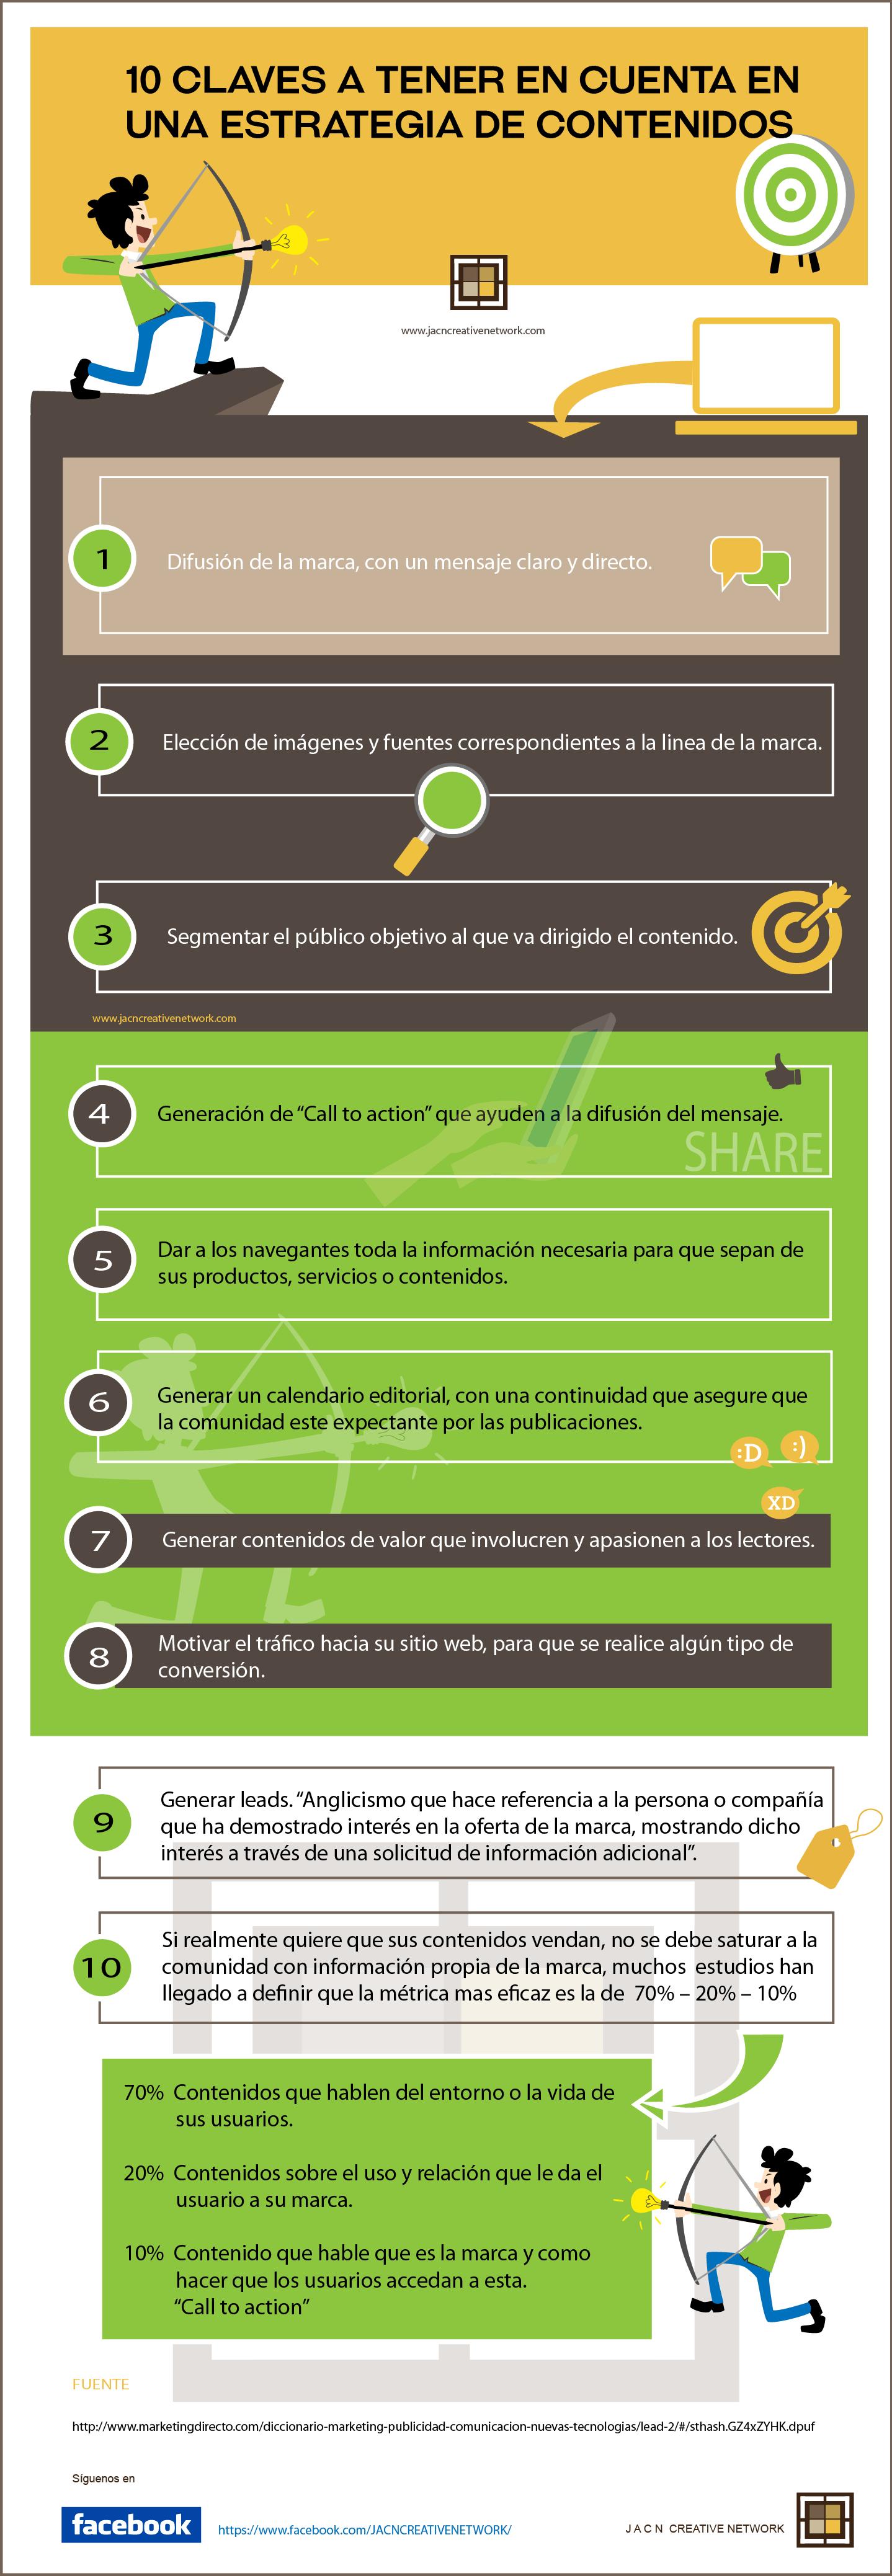 10 claves a tener en cuenta en una estrategia de contenidos #infografia #infographic #marketing